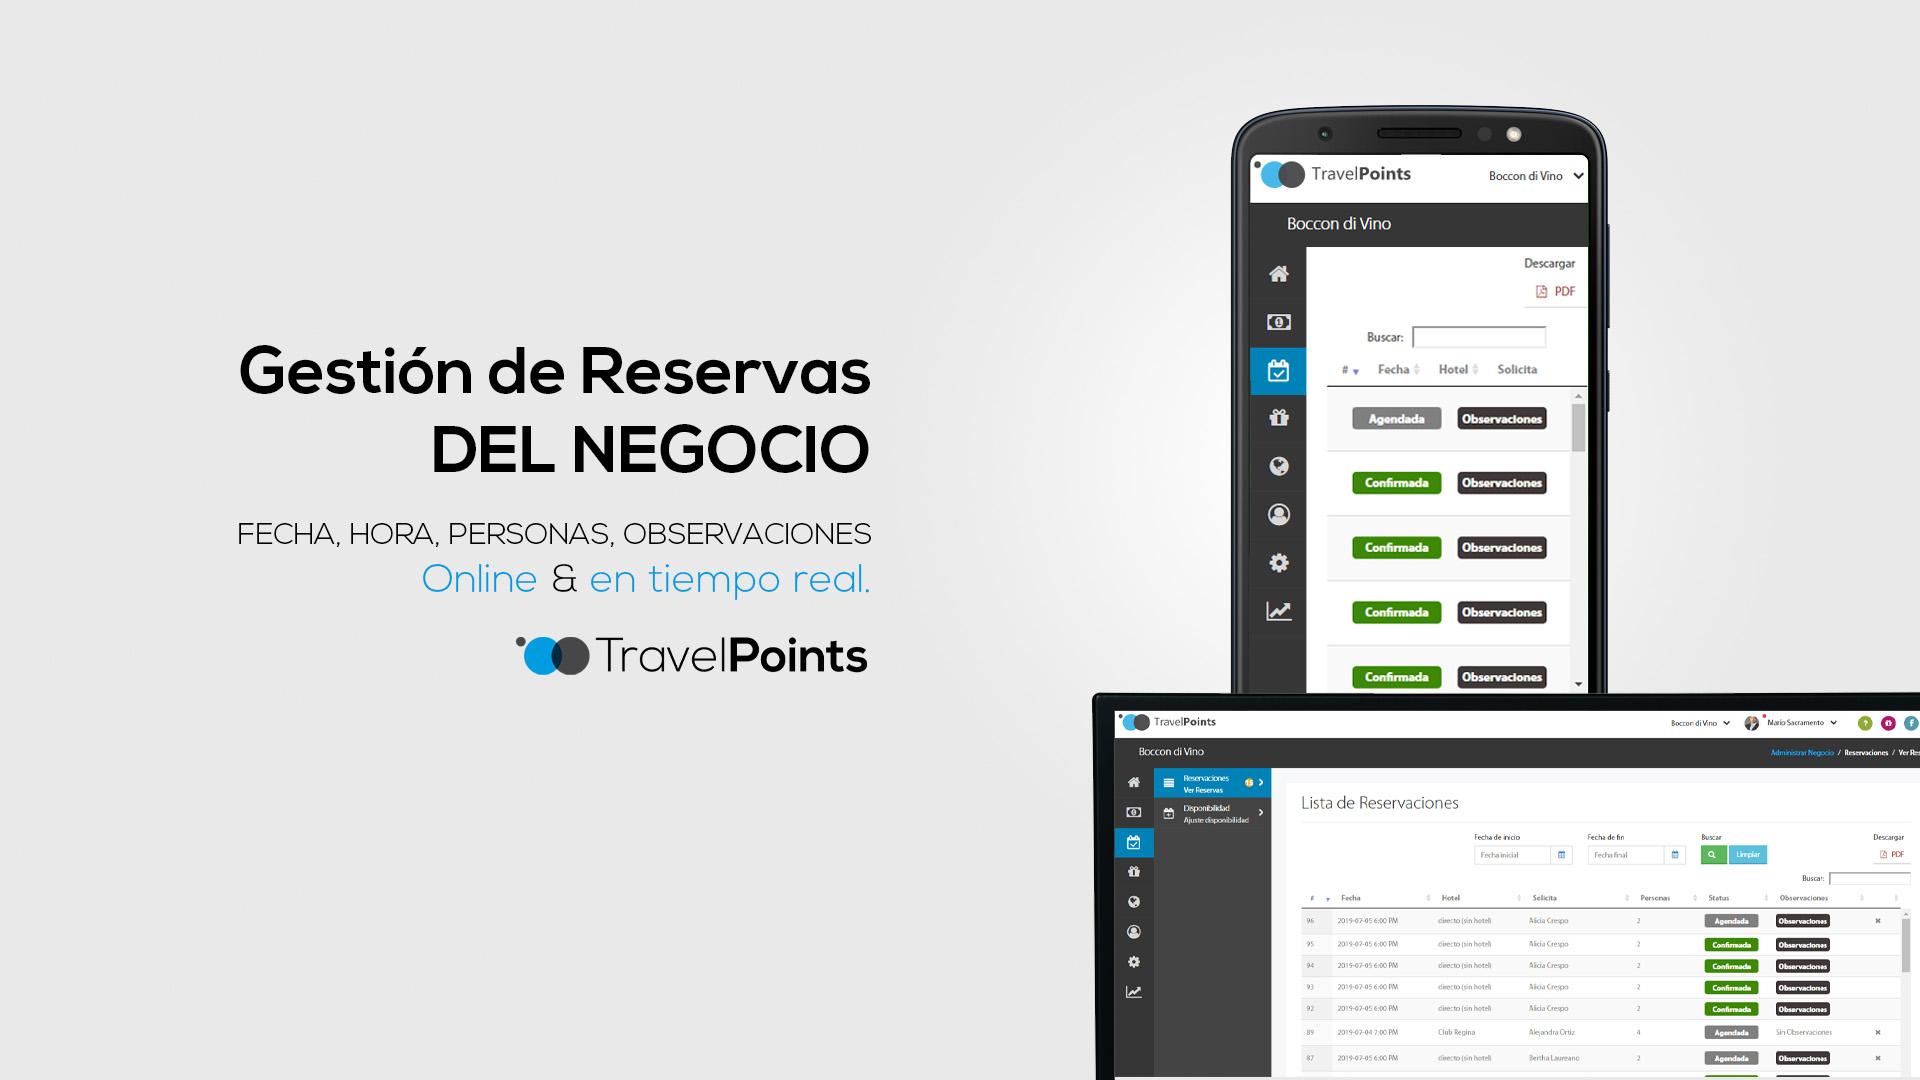 30 Travel Points diapositiva power point presentacion hotel para anunciantes gestion de reservas para el negocio